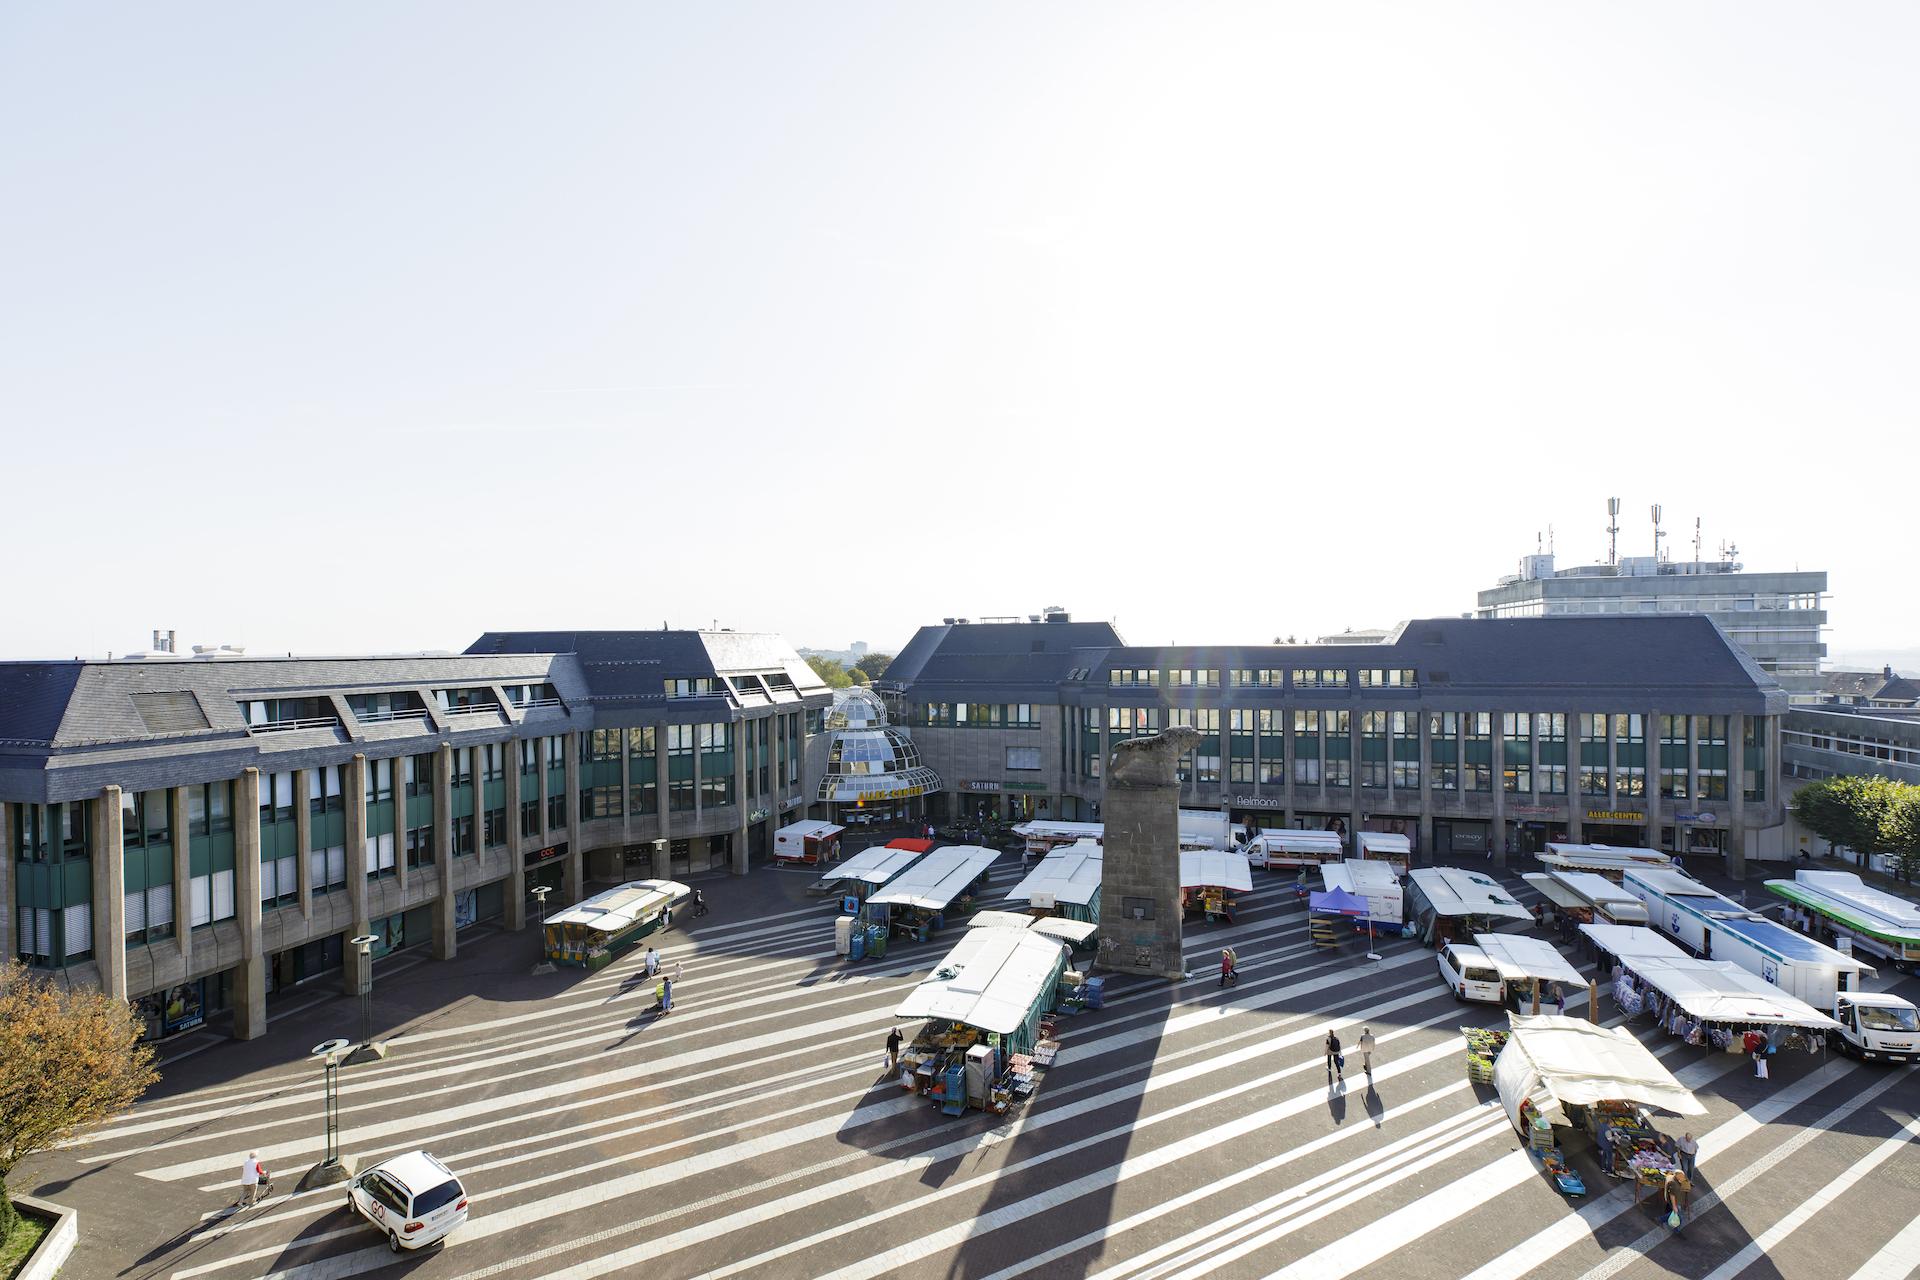 Allee-Center Remscheid